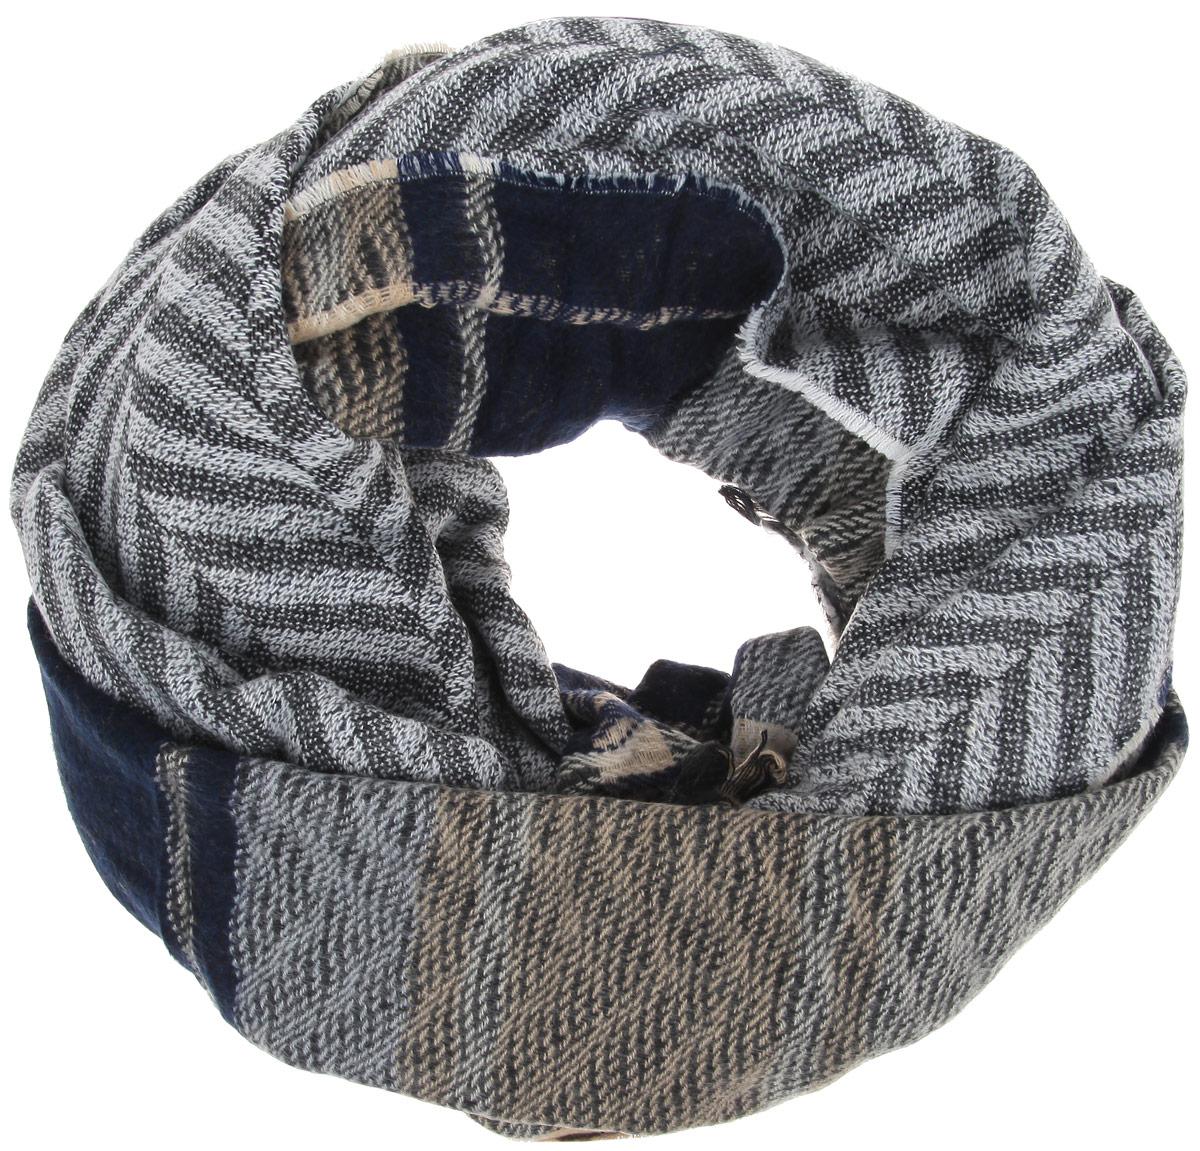 Палантин Sophie Ramage, цвет: бежевый, темно-синий, серый. YY-21538-3. Размер 60 см х 180 смYY-21538-3Палантин Sophie Ramage позволит вам создать неповторимый и запоминающийся образ. Благодаря своему составу, в который входит шерсть с добавлением акрила, он теплый, мягкий, имеет приятную на ощупь текстуру. Модель оформлена оригинальным вязаным рисунком, а по краям украшена бахромой. Такой аксессуар станет стильным дополнением к гардеробу современной женщины, а также подаритощущение комфорта, тепла и уюта в прохладную погоду.